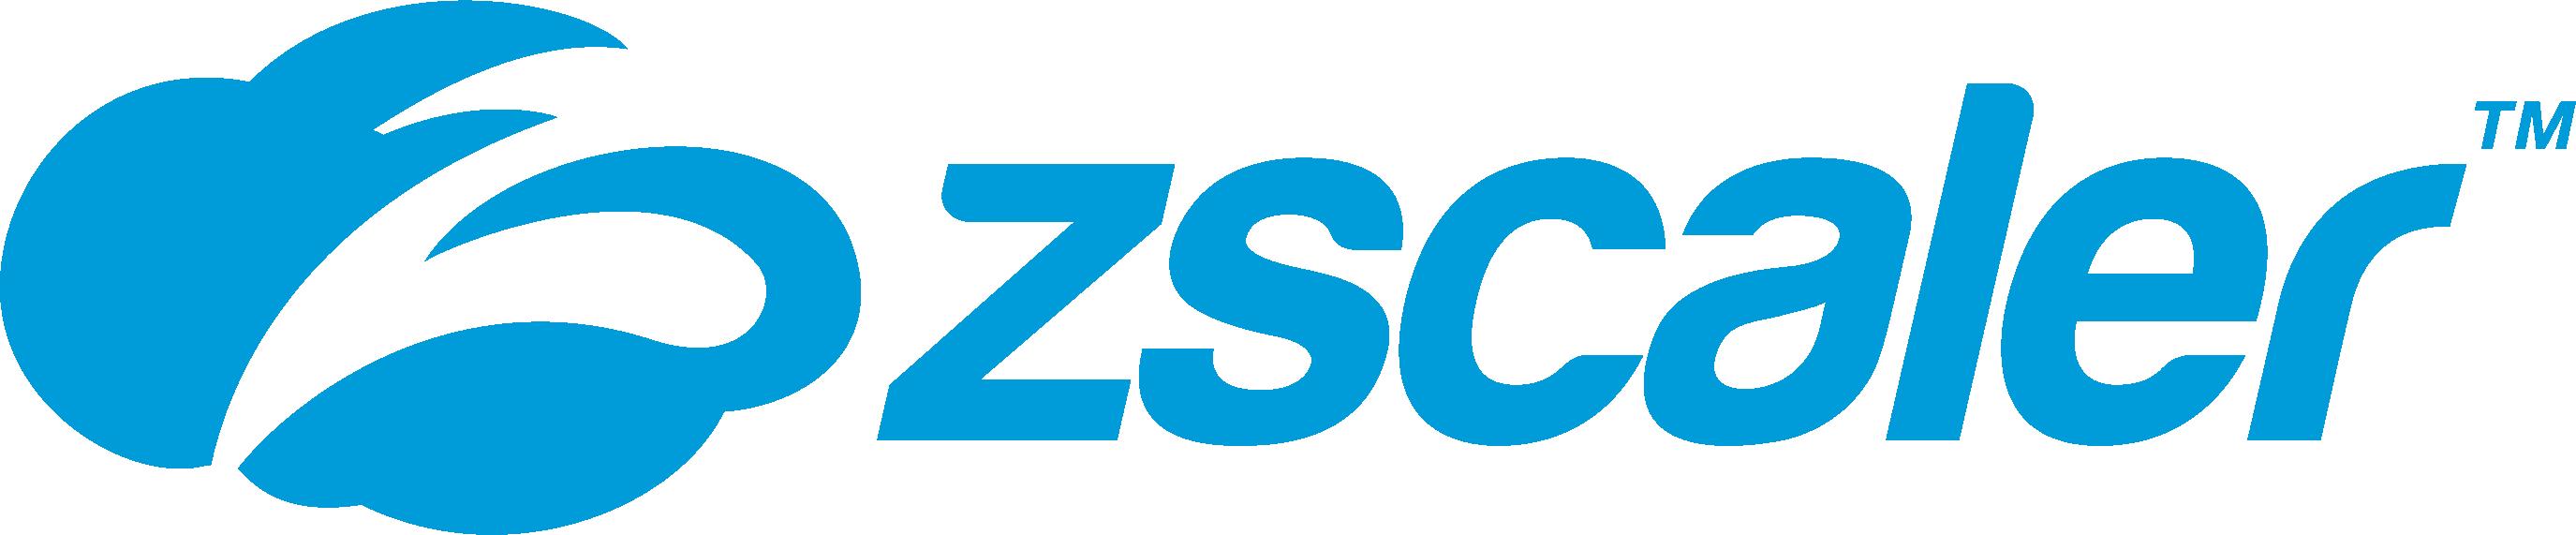 Press/Media Kit | Zscaler